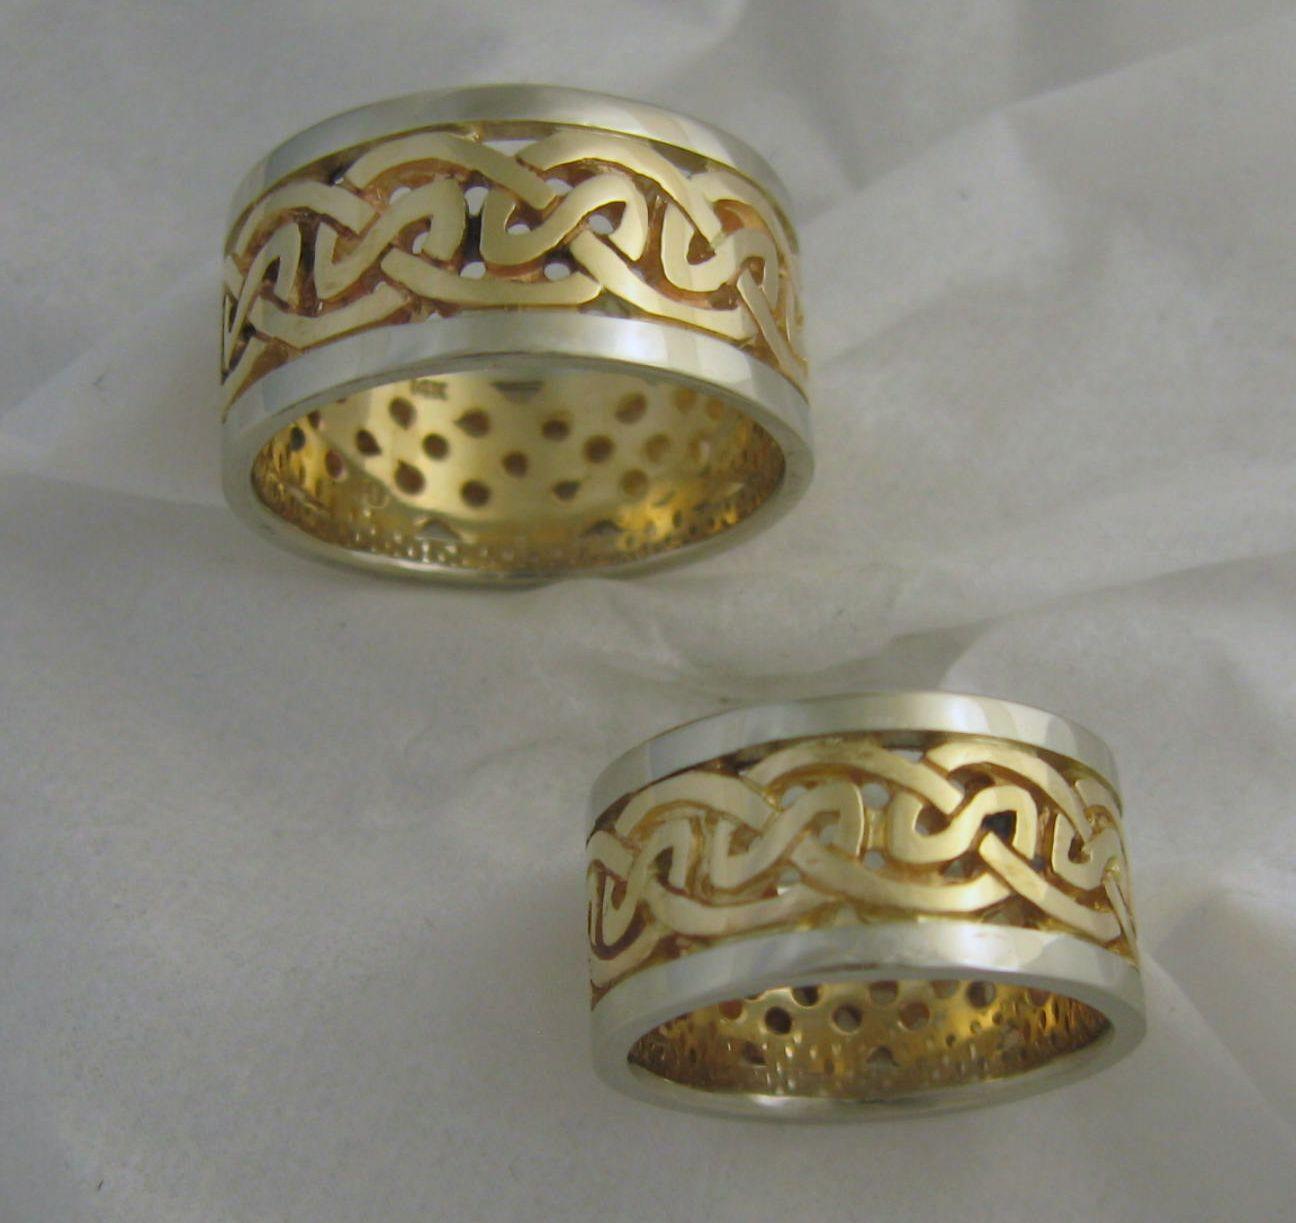 James Hunt Designs Celtic Knot Wedding Bands